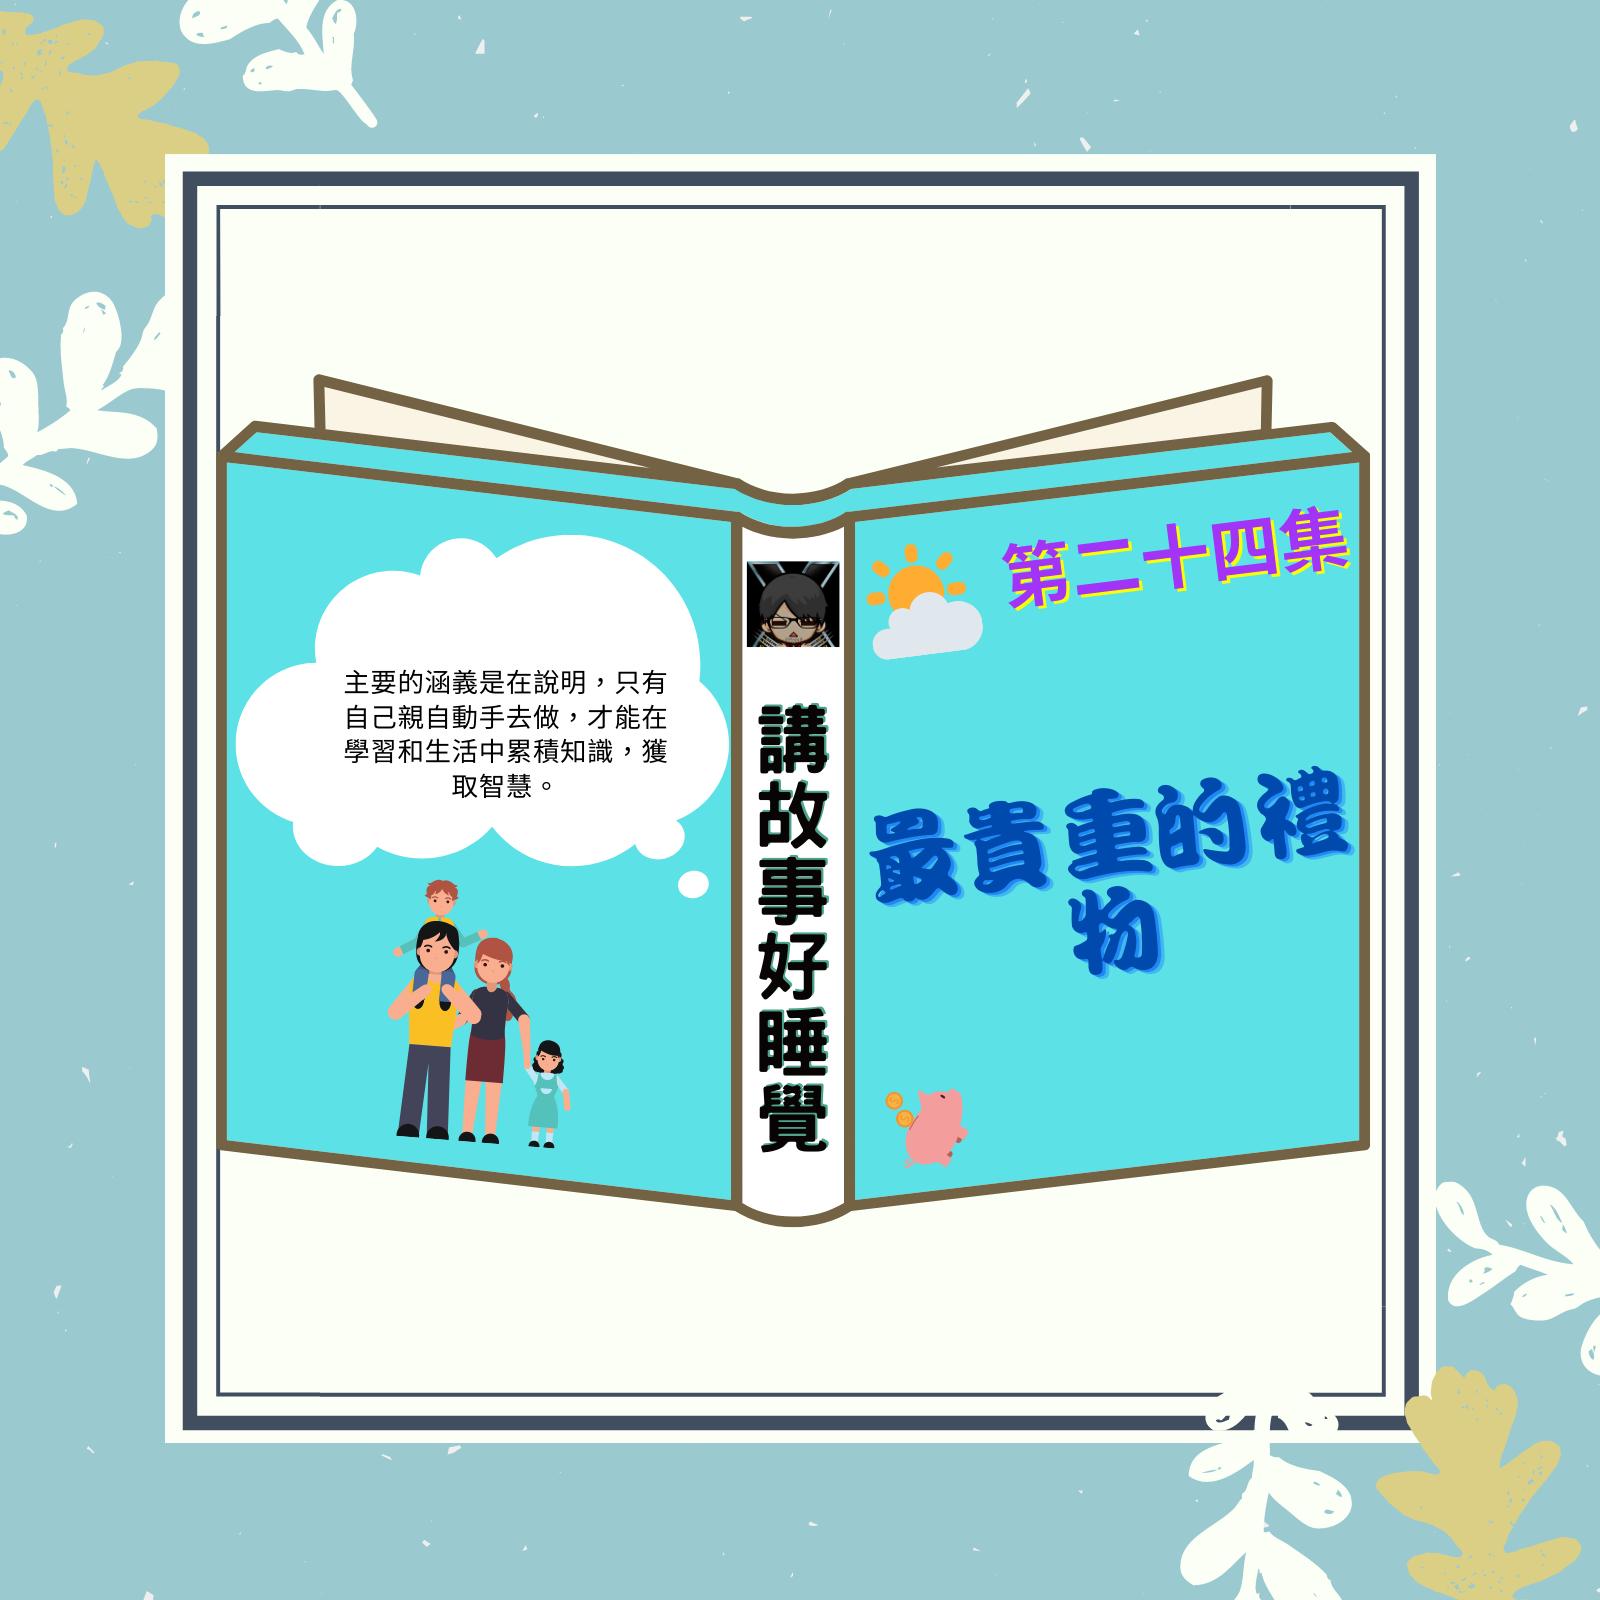 EP-24 講故事好睡覺|最貴重的禮物 - 臺灣麥克 2020.09.08